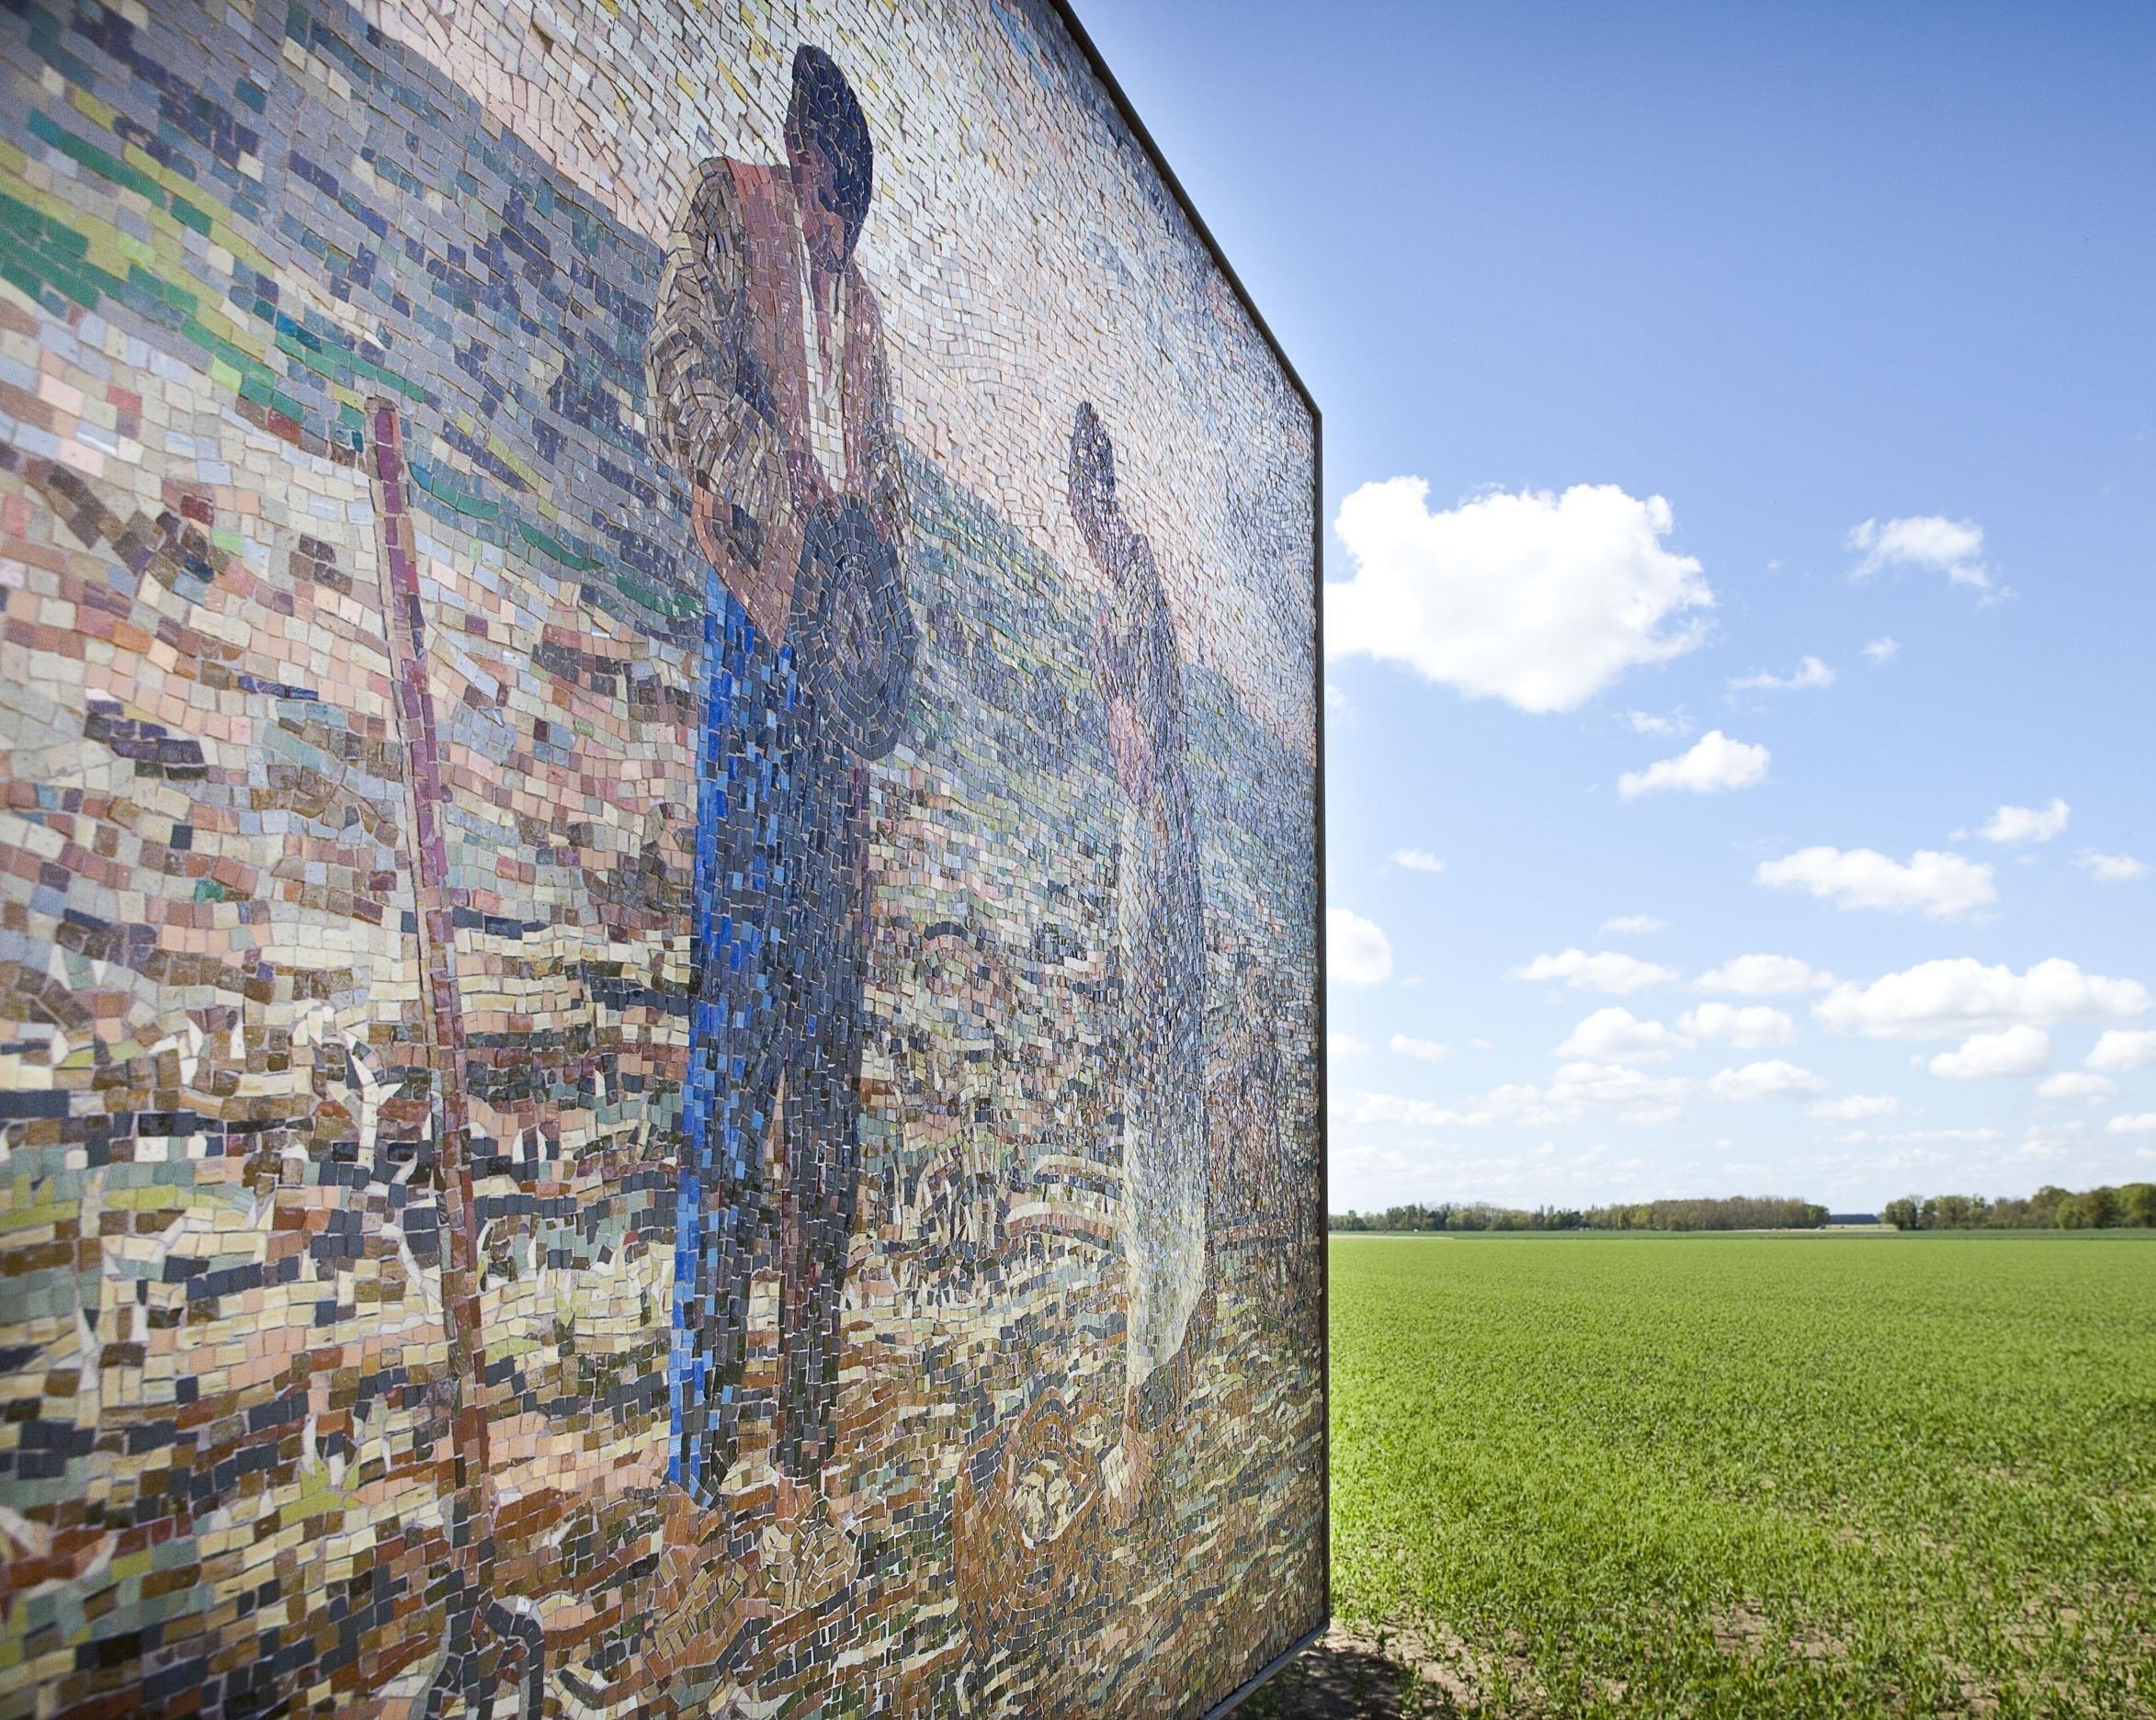 Tableau de mosaïque à l'endroit où a été peint L'Angélus Tableau de mosaïque à l'endroit où a été peint L'Angélus